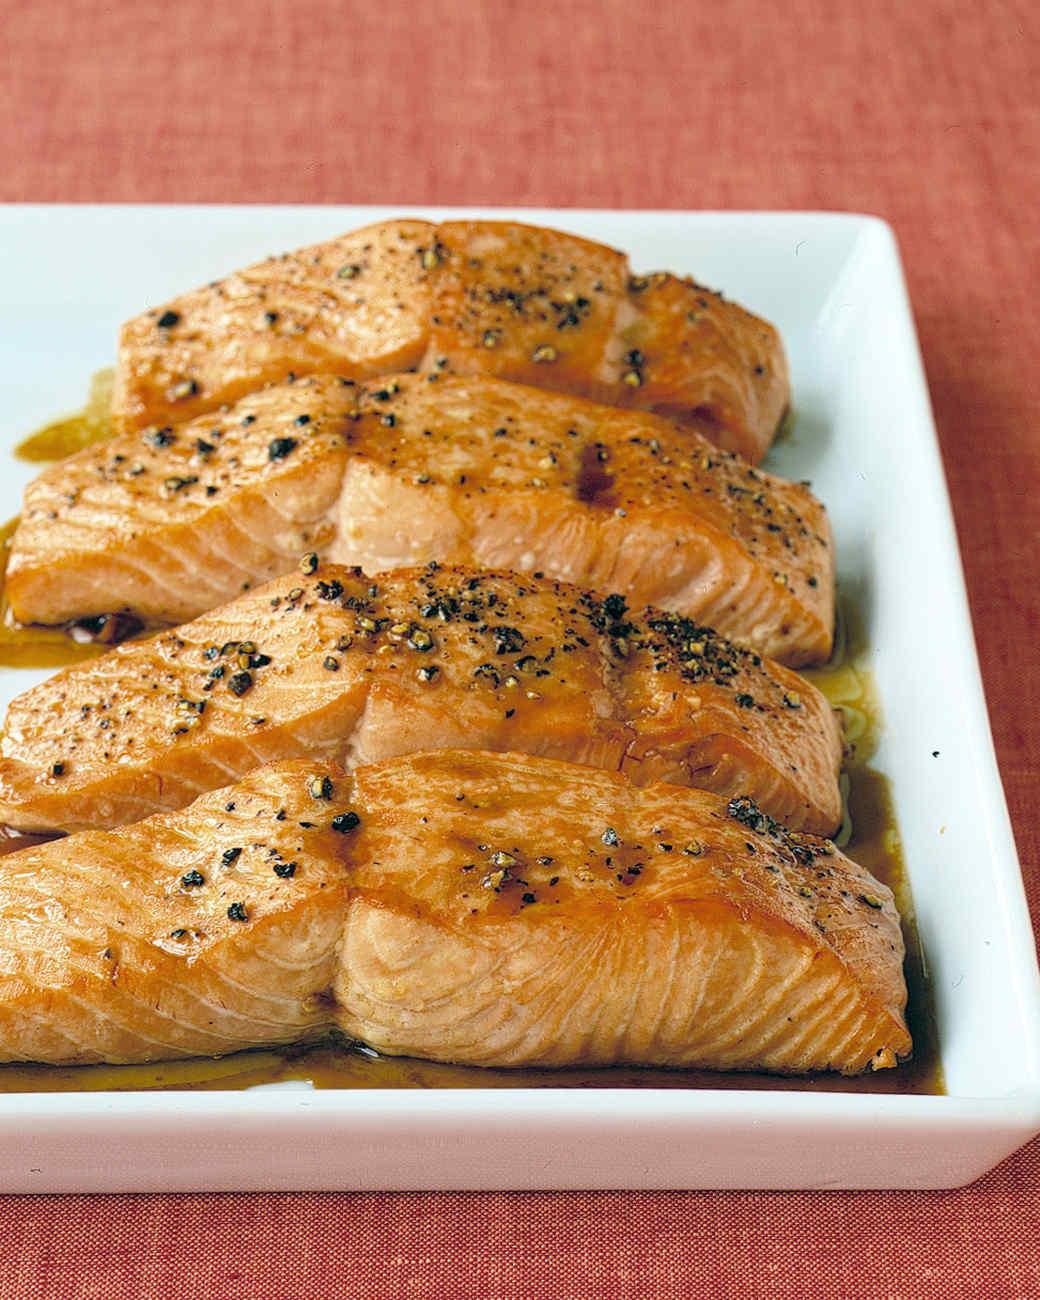 soy-glazed salmon